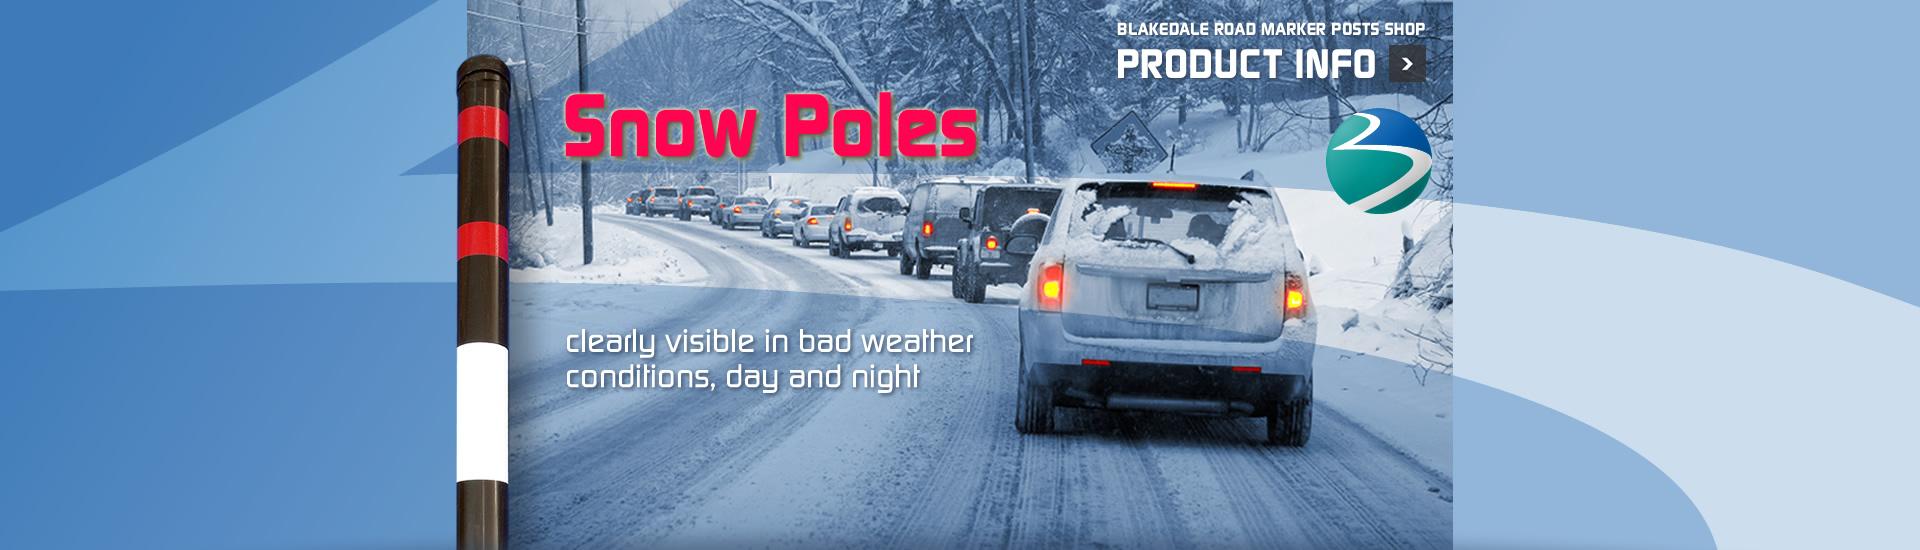 S-5-Snow Poles